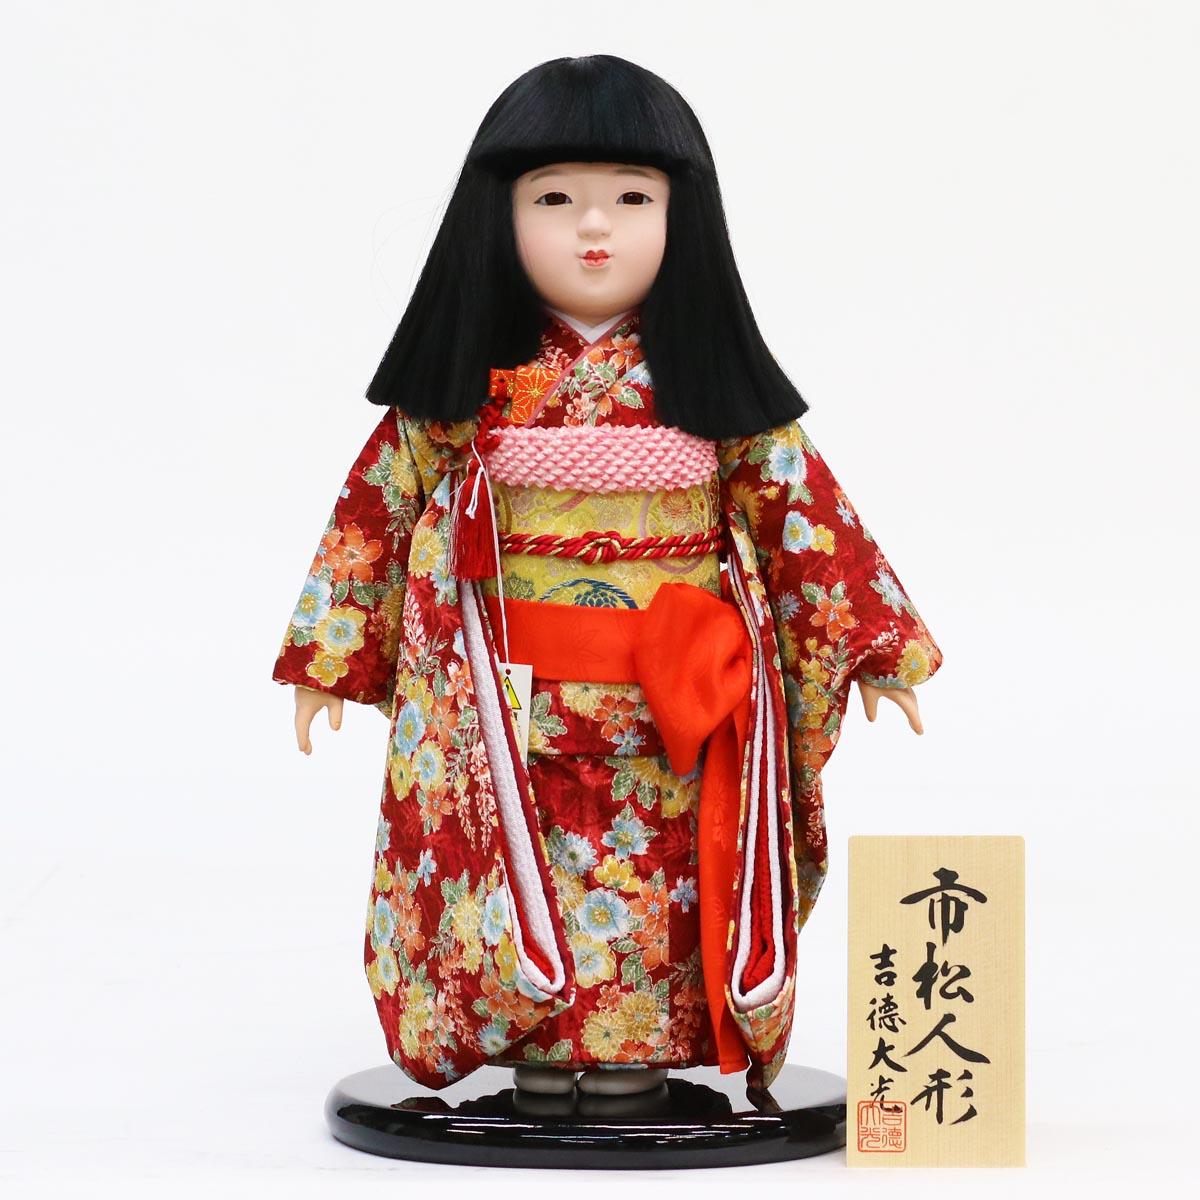 雛人形 吉徳 市松人形 市松人形 友禅 10号 市松 ICY-410-048ひな人形 かわいい おしゃれ インテリア